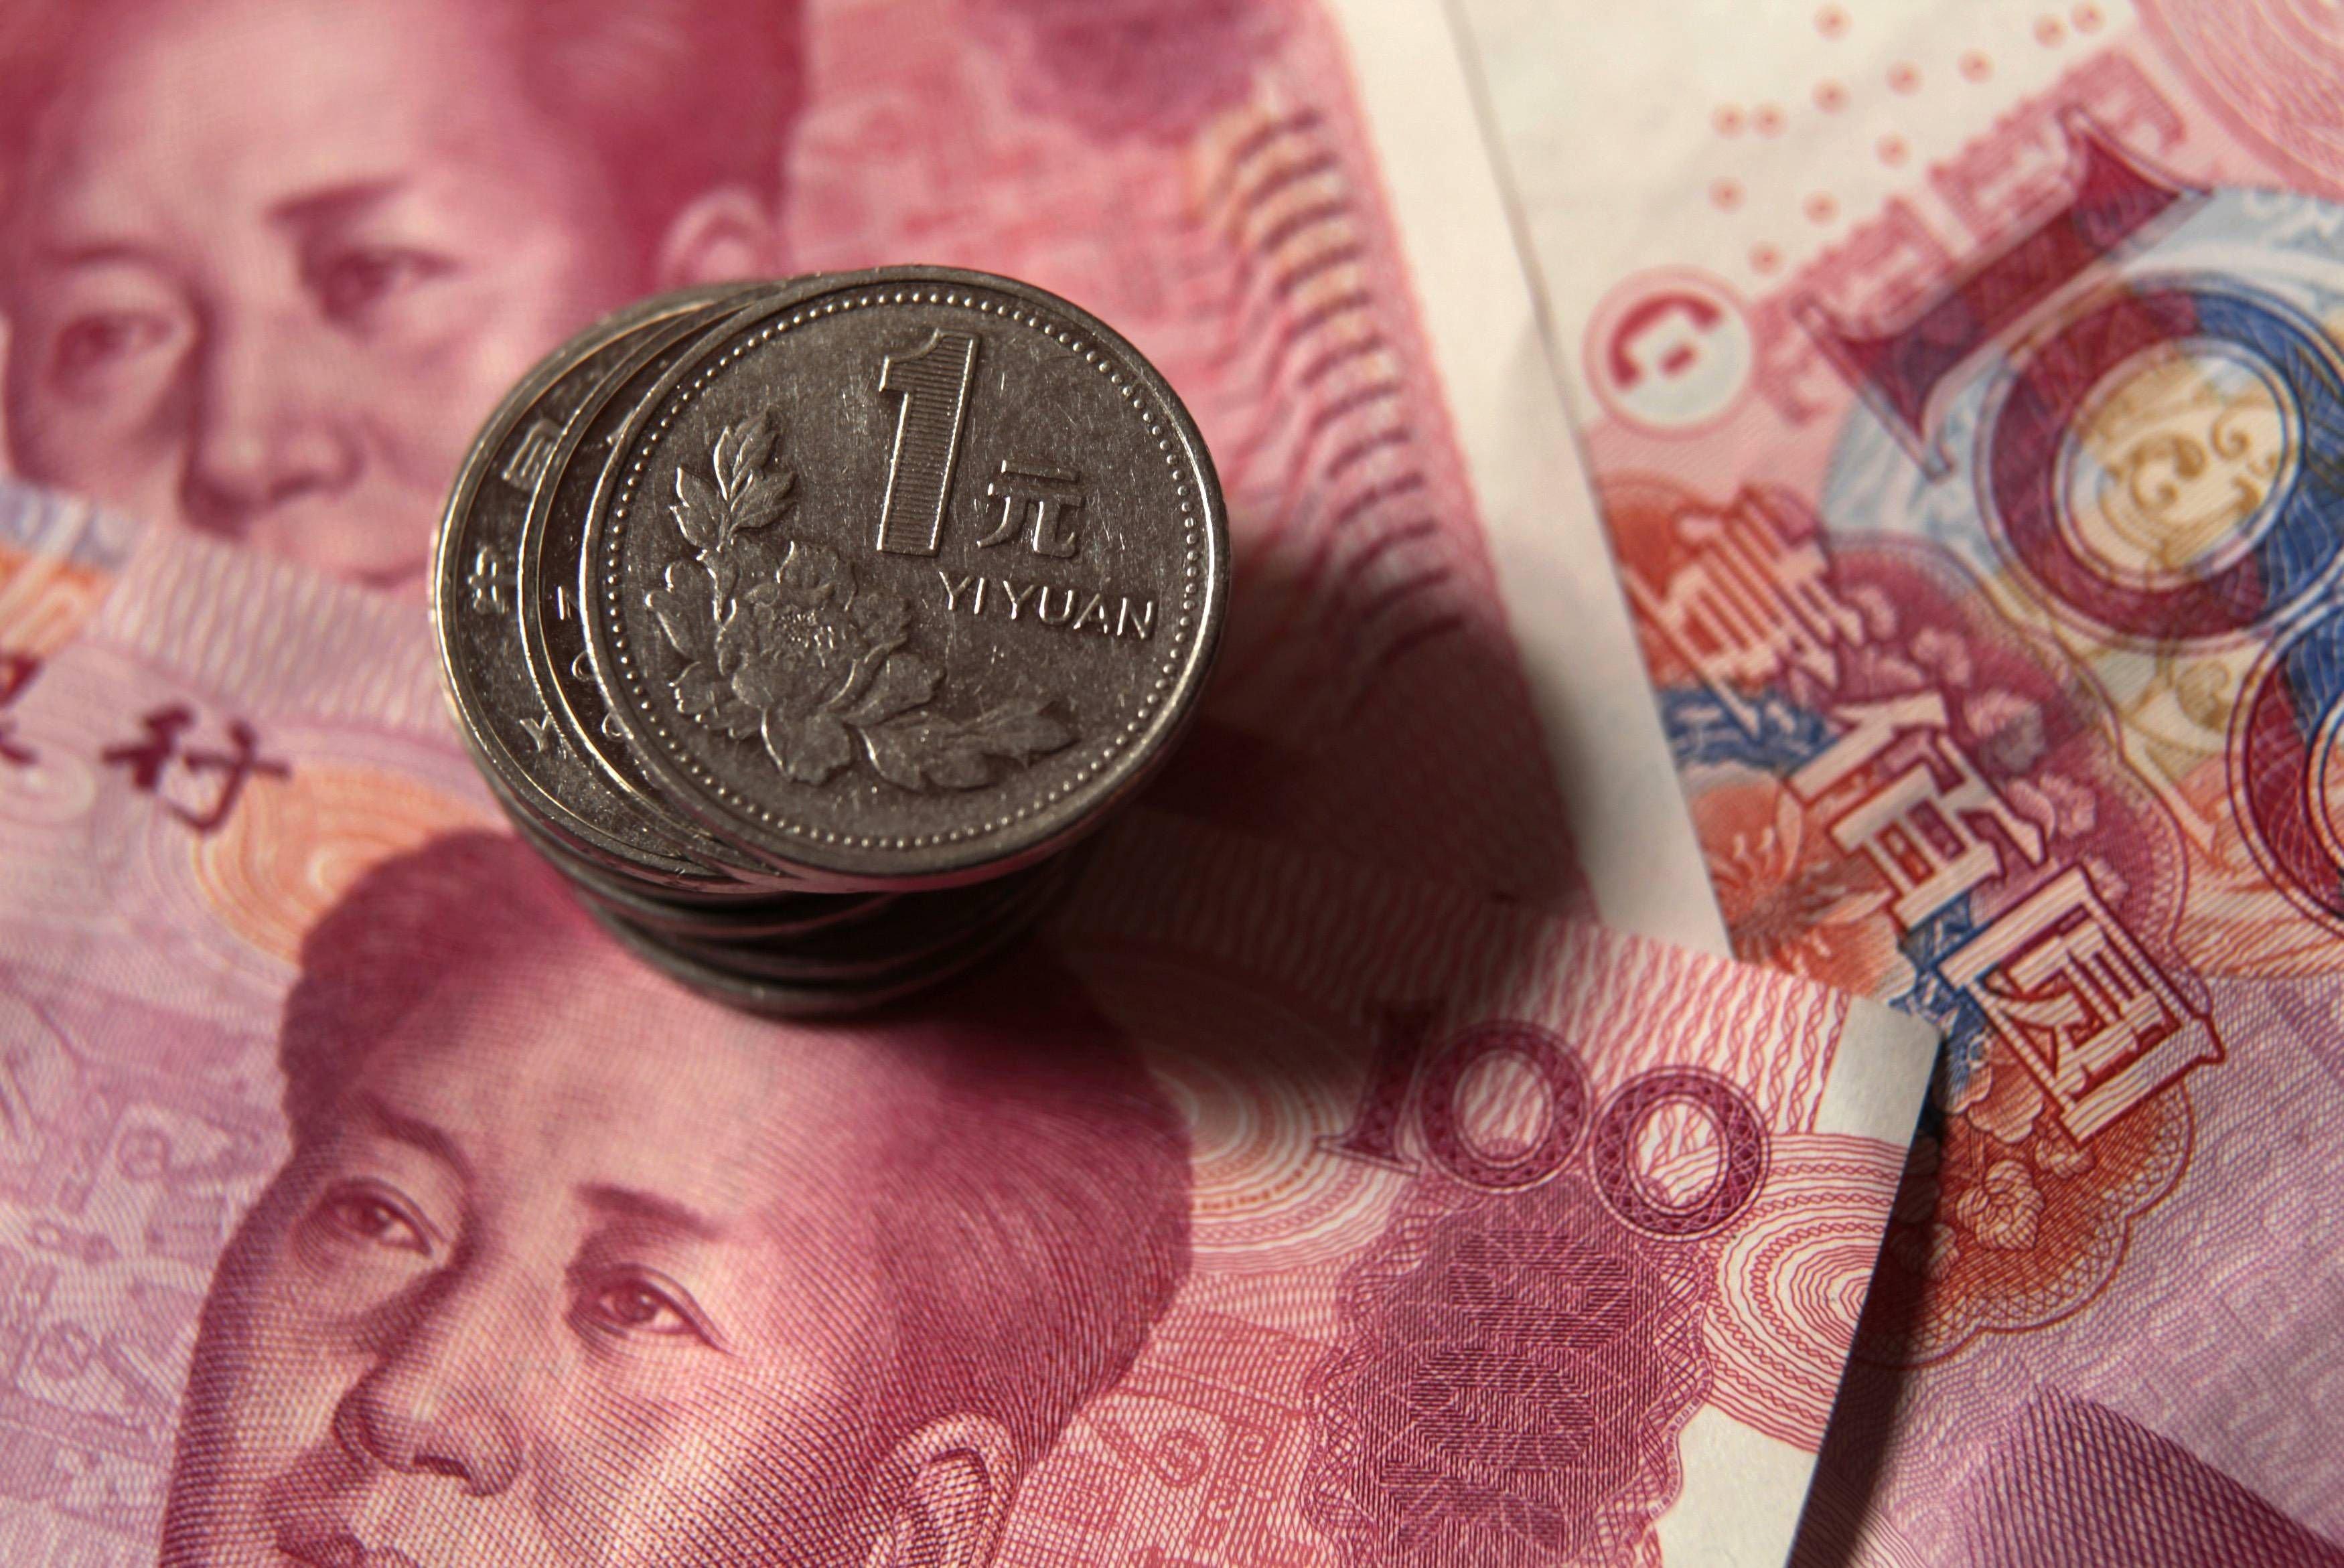 ВНародном банке Китая поведали оследующих шагах после ослабления юаня